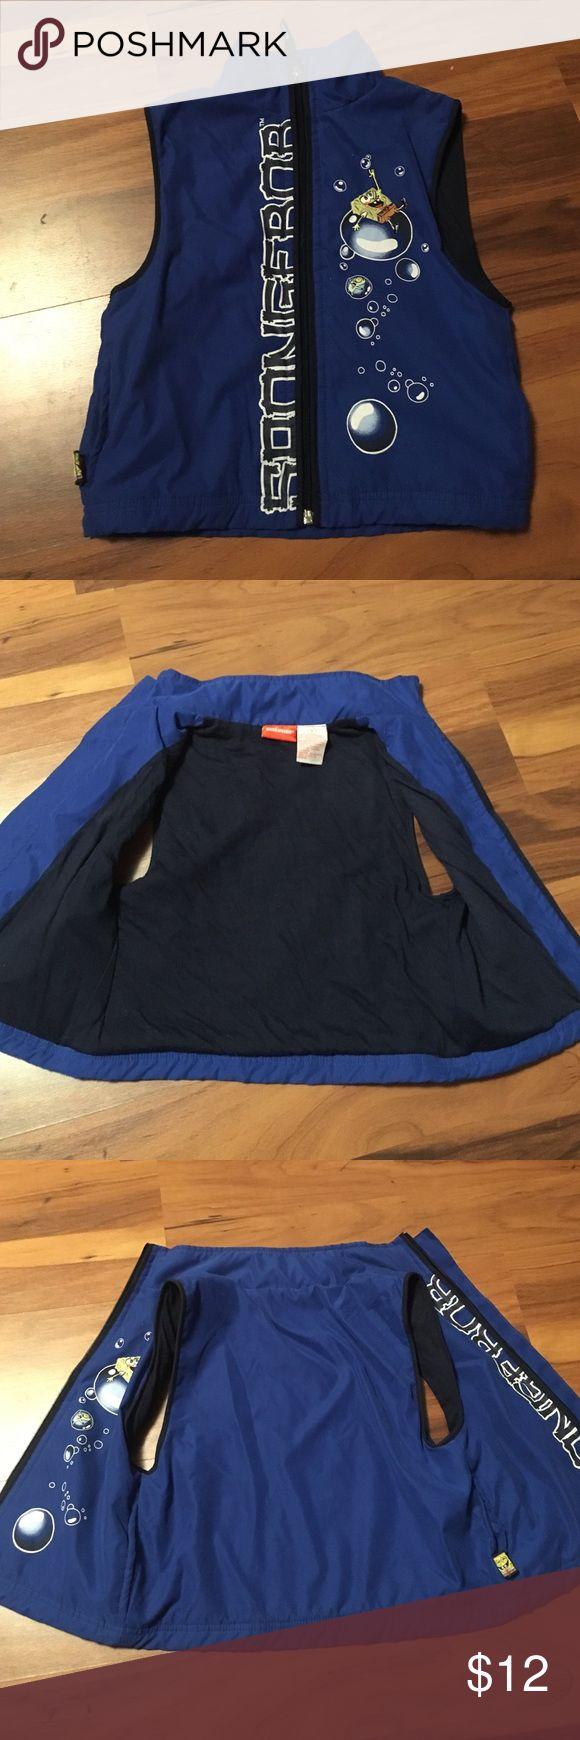 Nickelodeon SpongeBob Vest Nickelodeon SpongeBob vest size 5. In perfect condition. Barely ever worn. Two pockets. Nickelodeon Jackets & Coats Vests